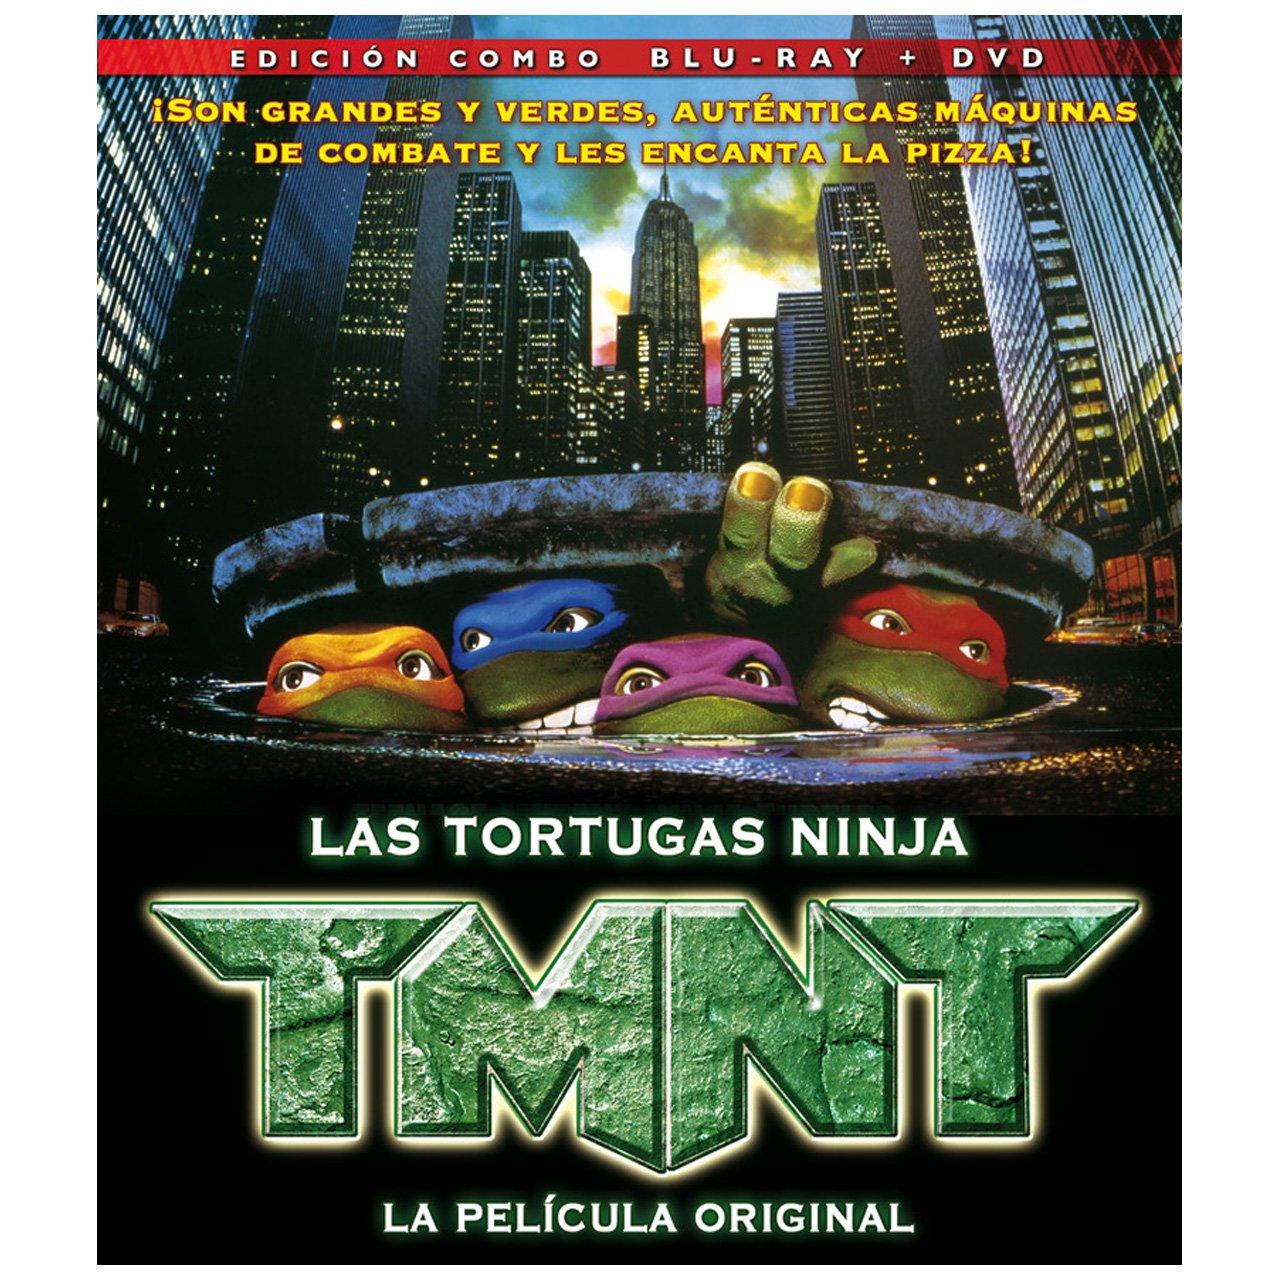 TMNT 1, La Película Original [Blu-ray]: Amazon.es: Animacion ...